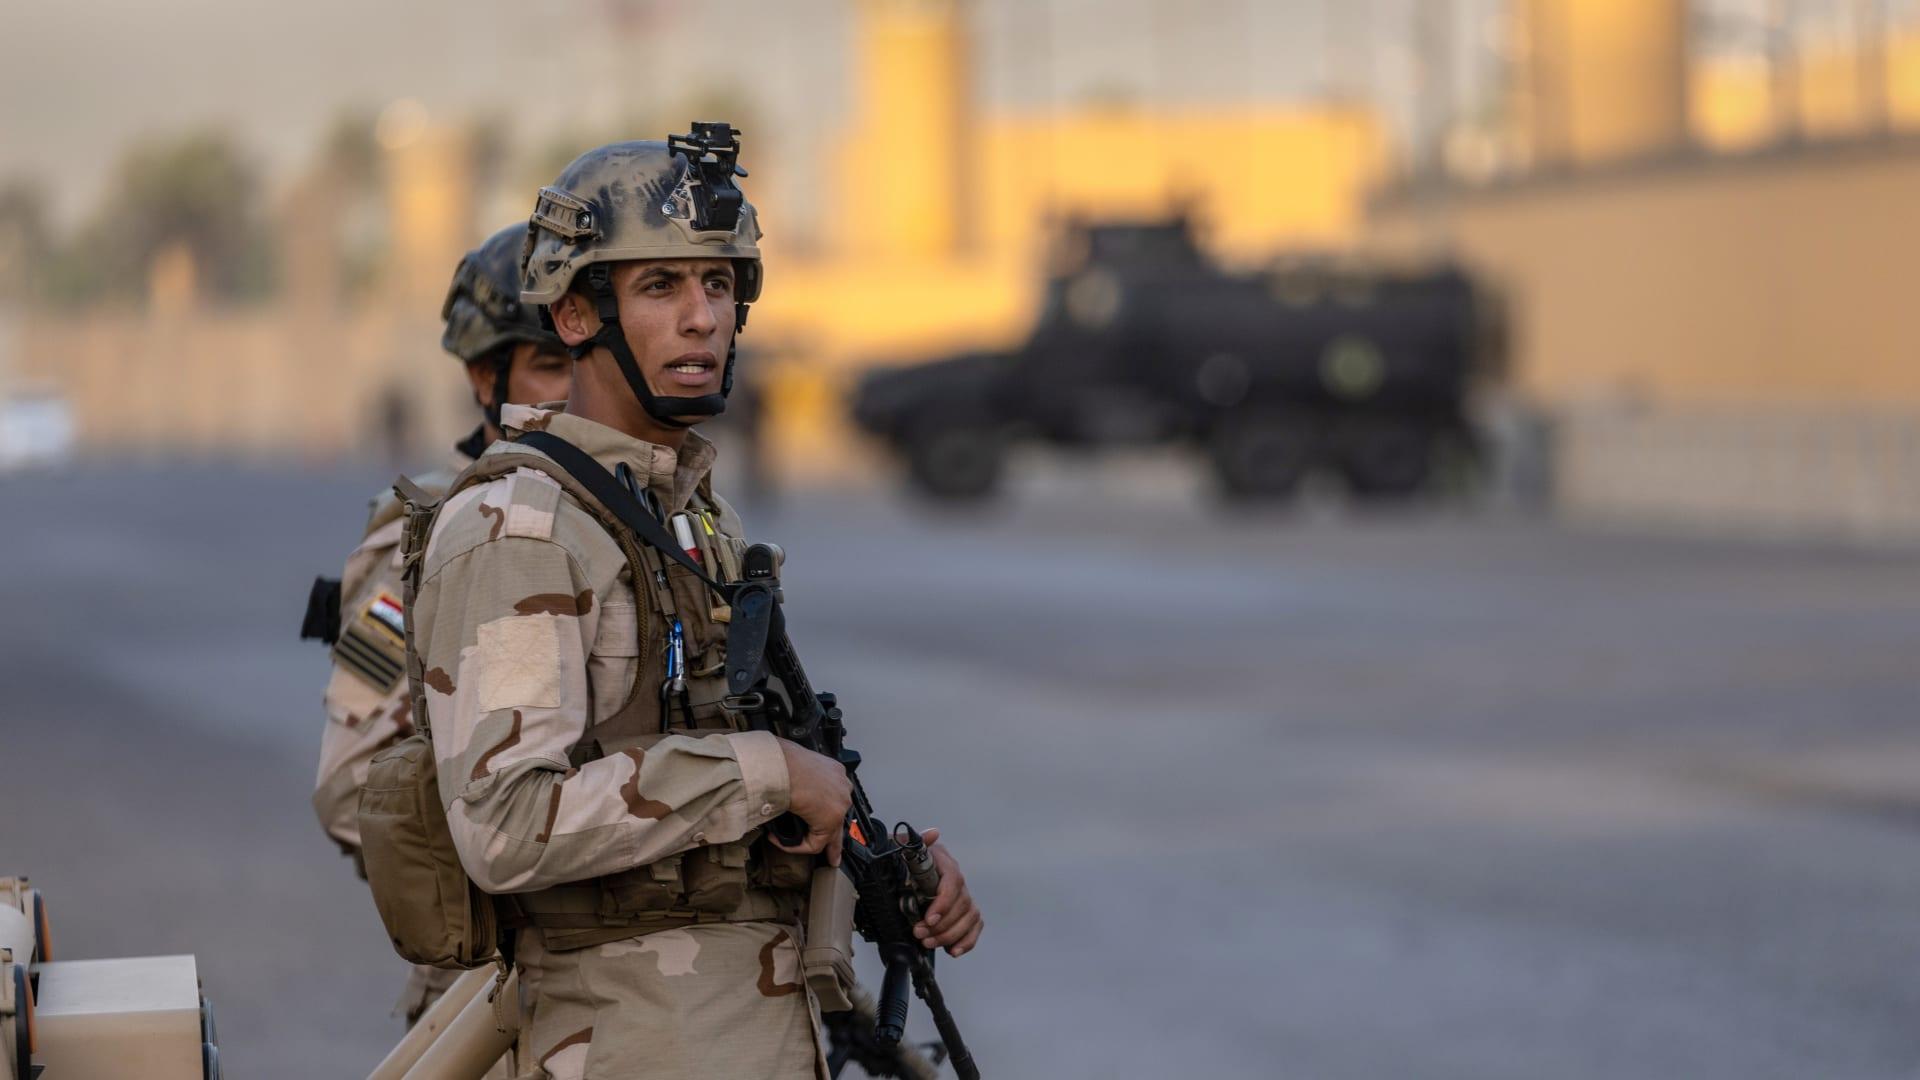 """العراق.. الأمن يحبط هجوما على زوار """"أربعينية الإمام الحسين"""" في كربلاء"""